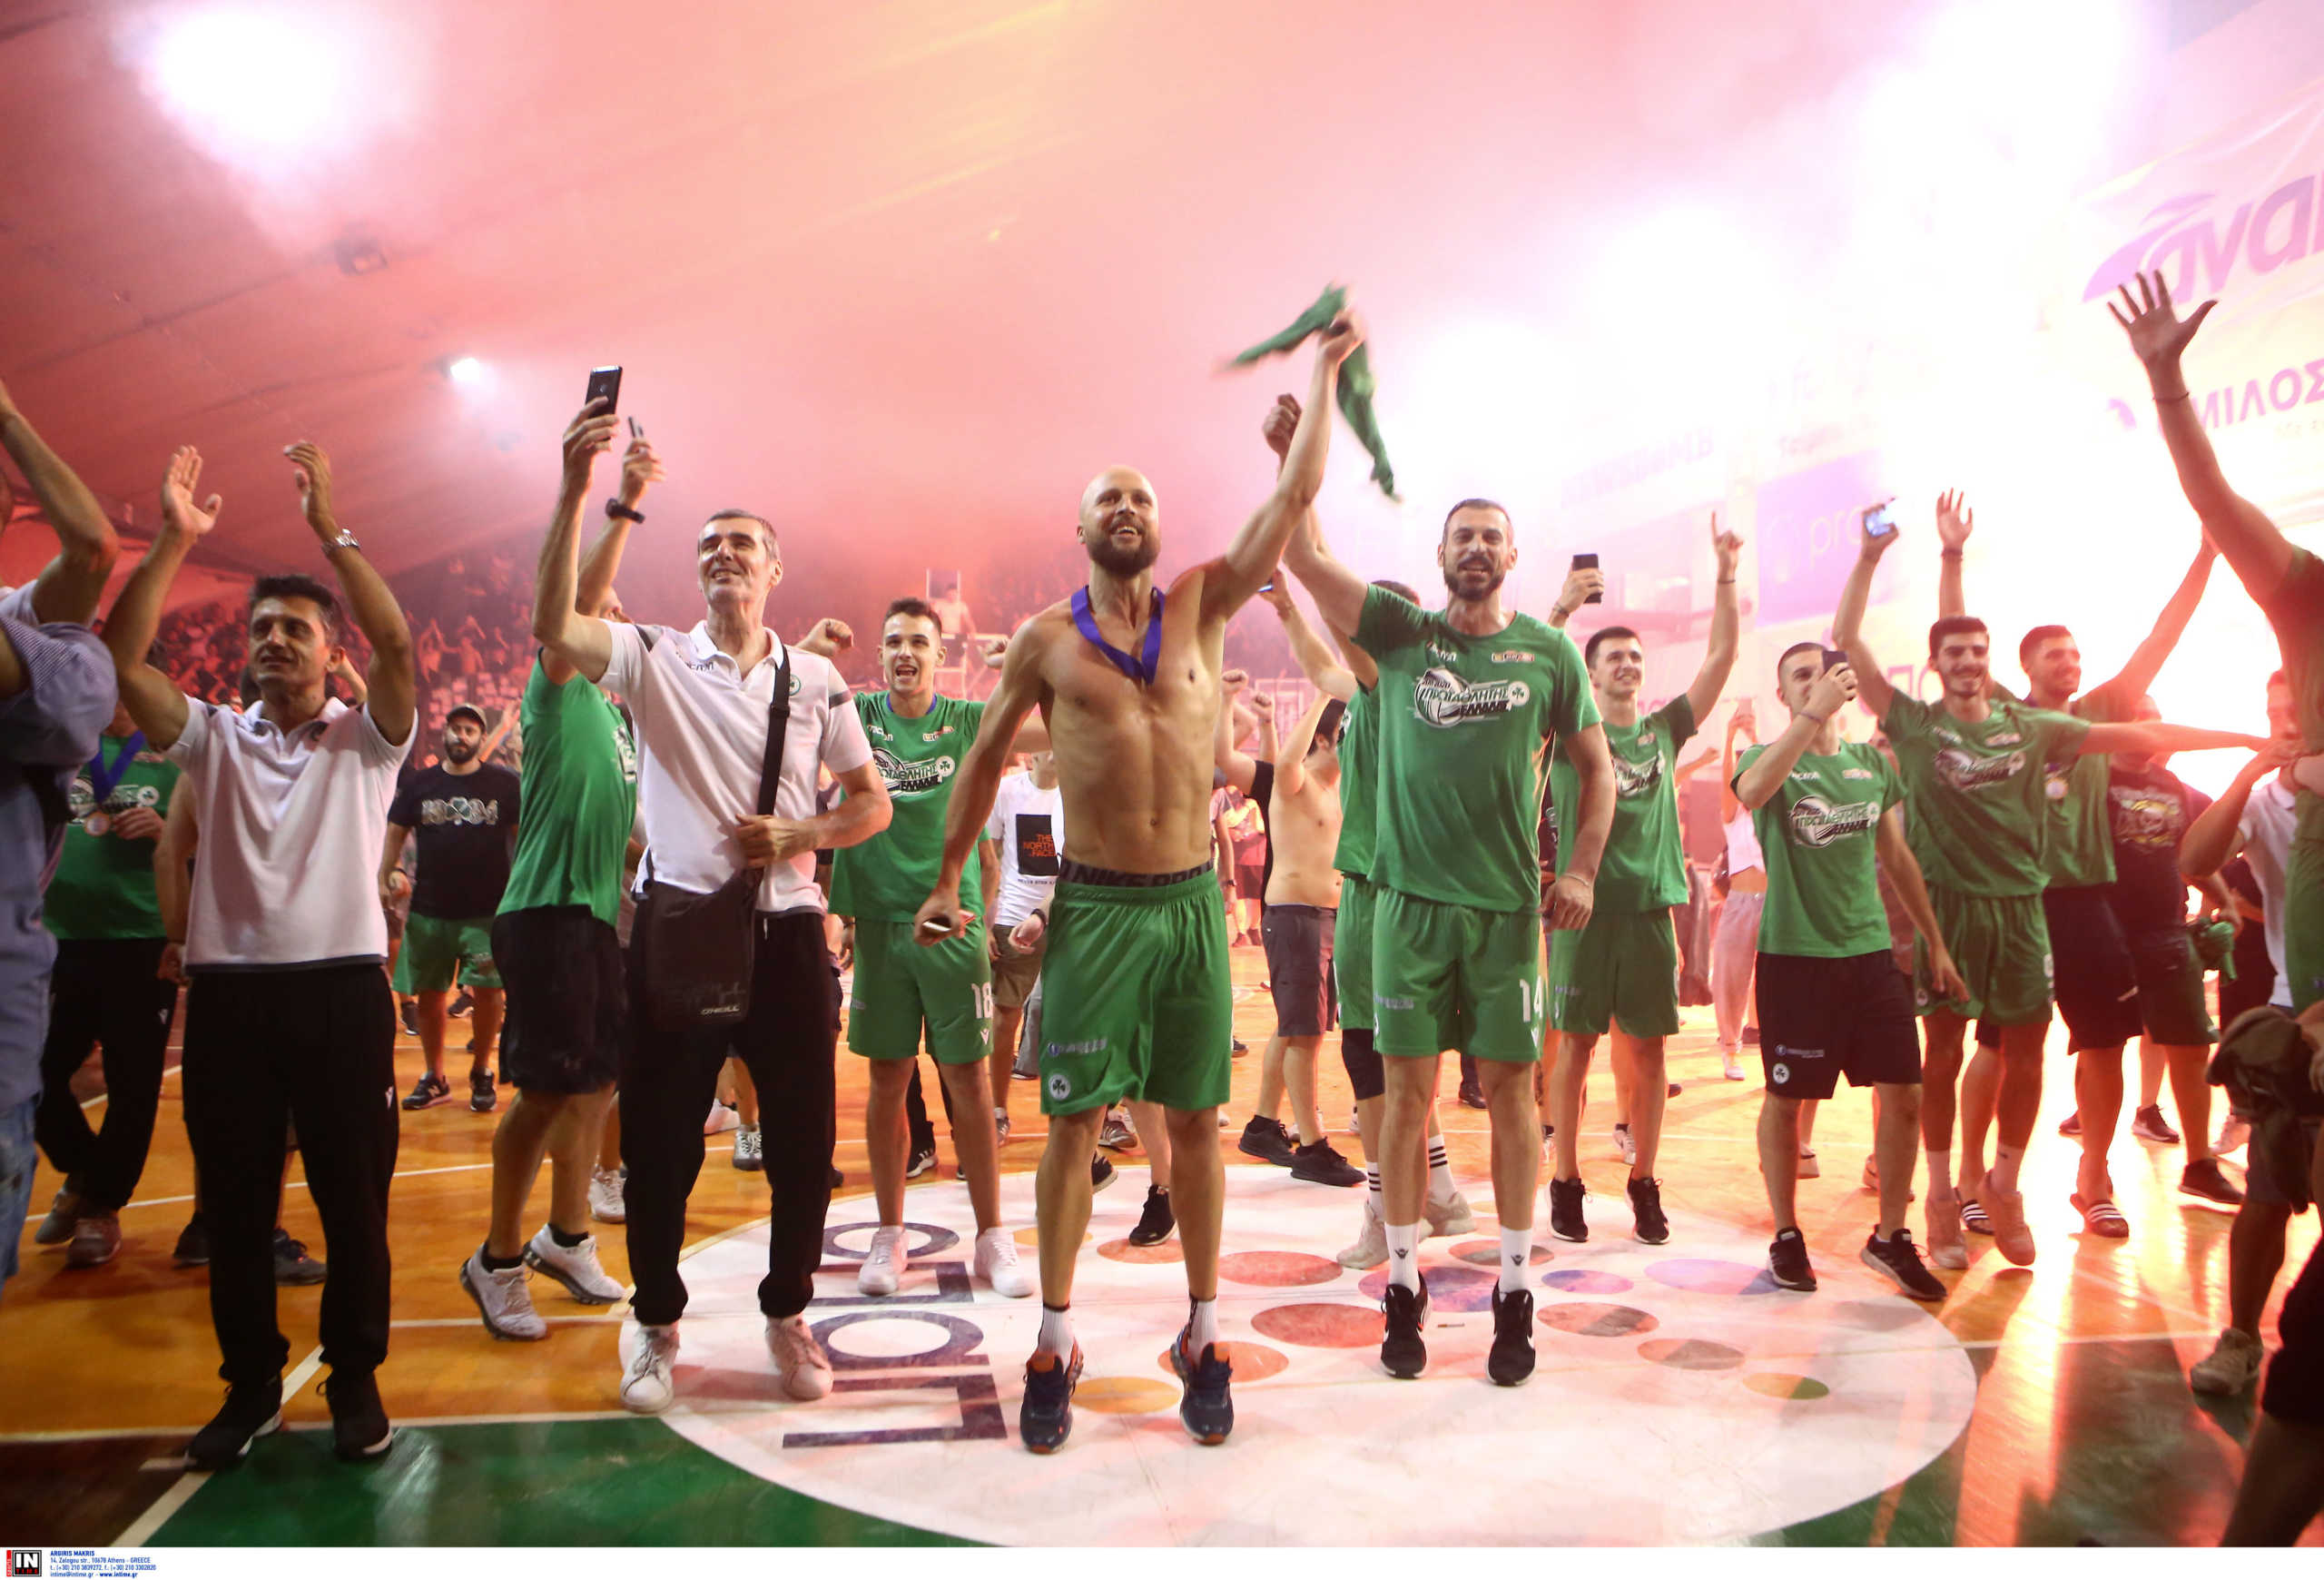 """Παναθηναϊκός: """"Γλέντι"""" των οπαδών στη Λεωφόρο με υποδοχή των πρωταθλητών (pics)"""